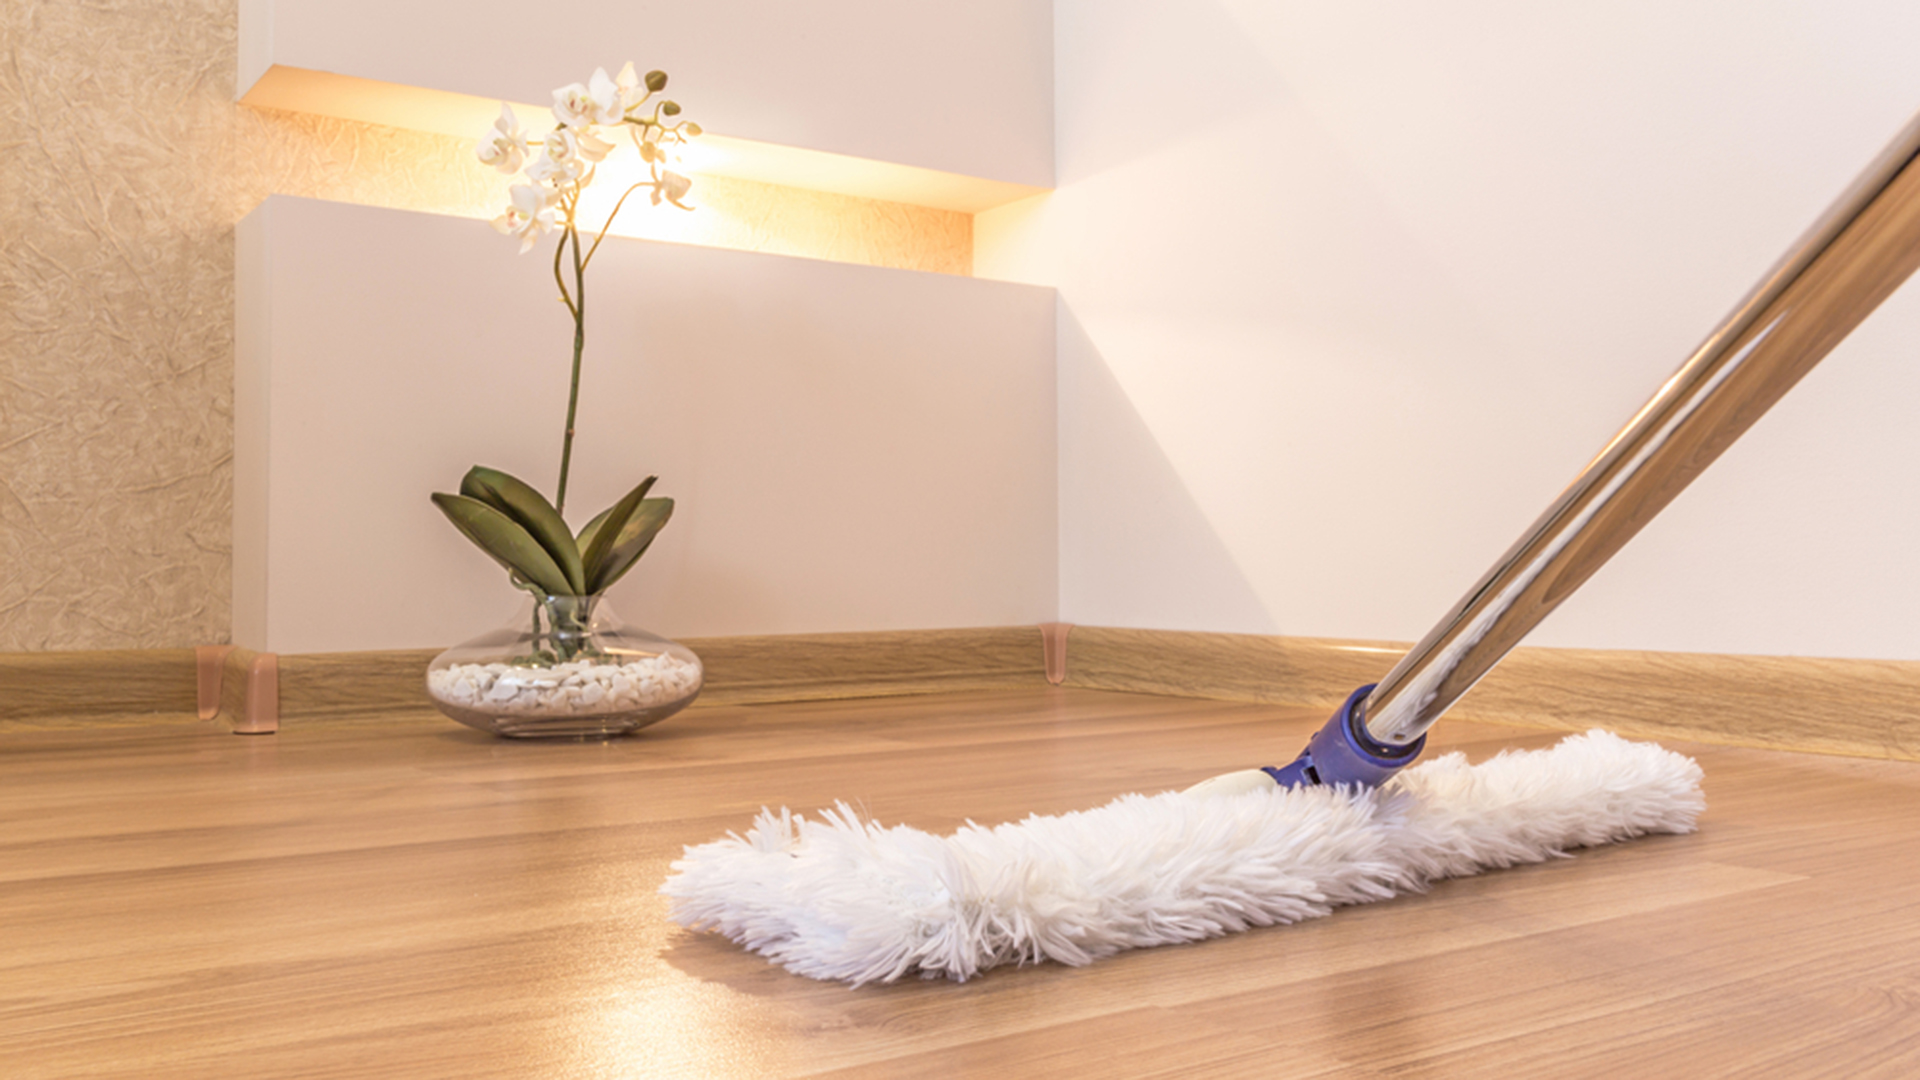 Come pulire i pavimenti in laminato o finto parquet: i rimedi